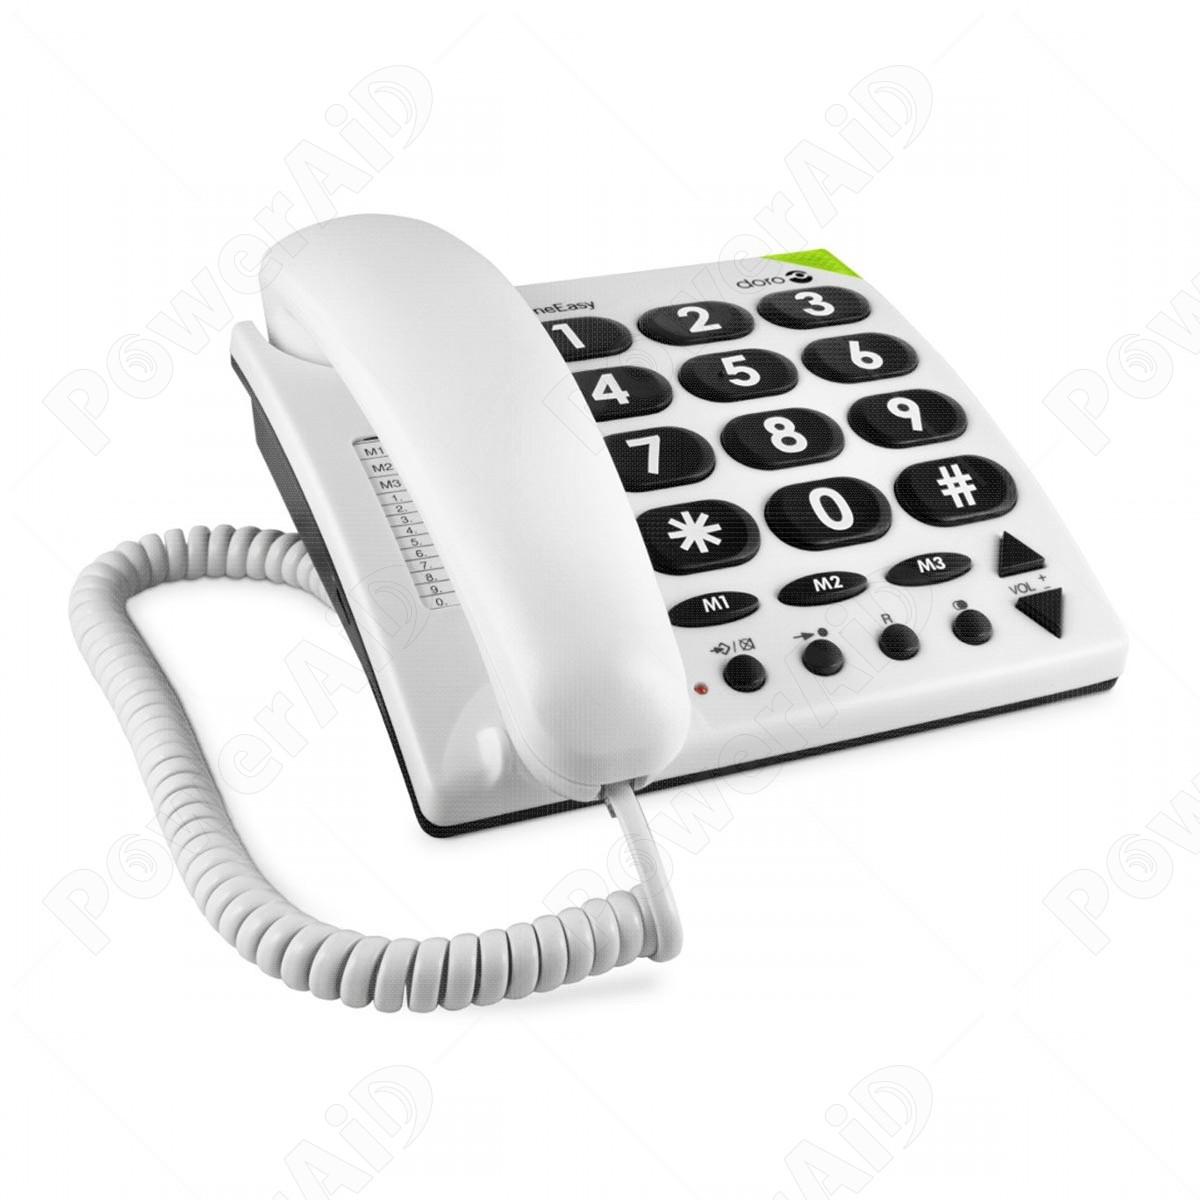 Doro phoneeasy 311c telefono fisso - Telefono fisso design ...